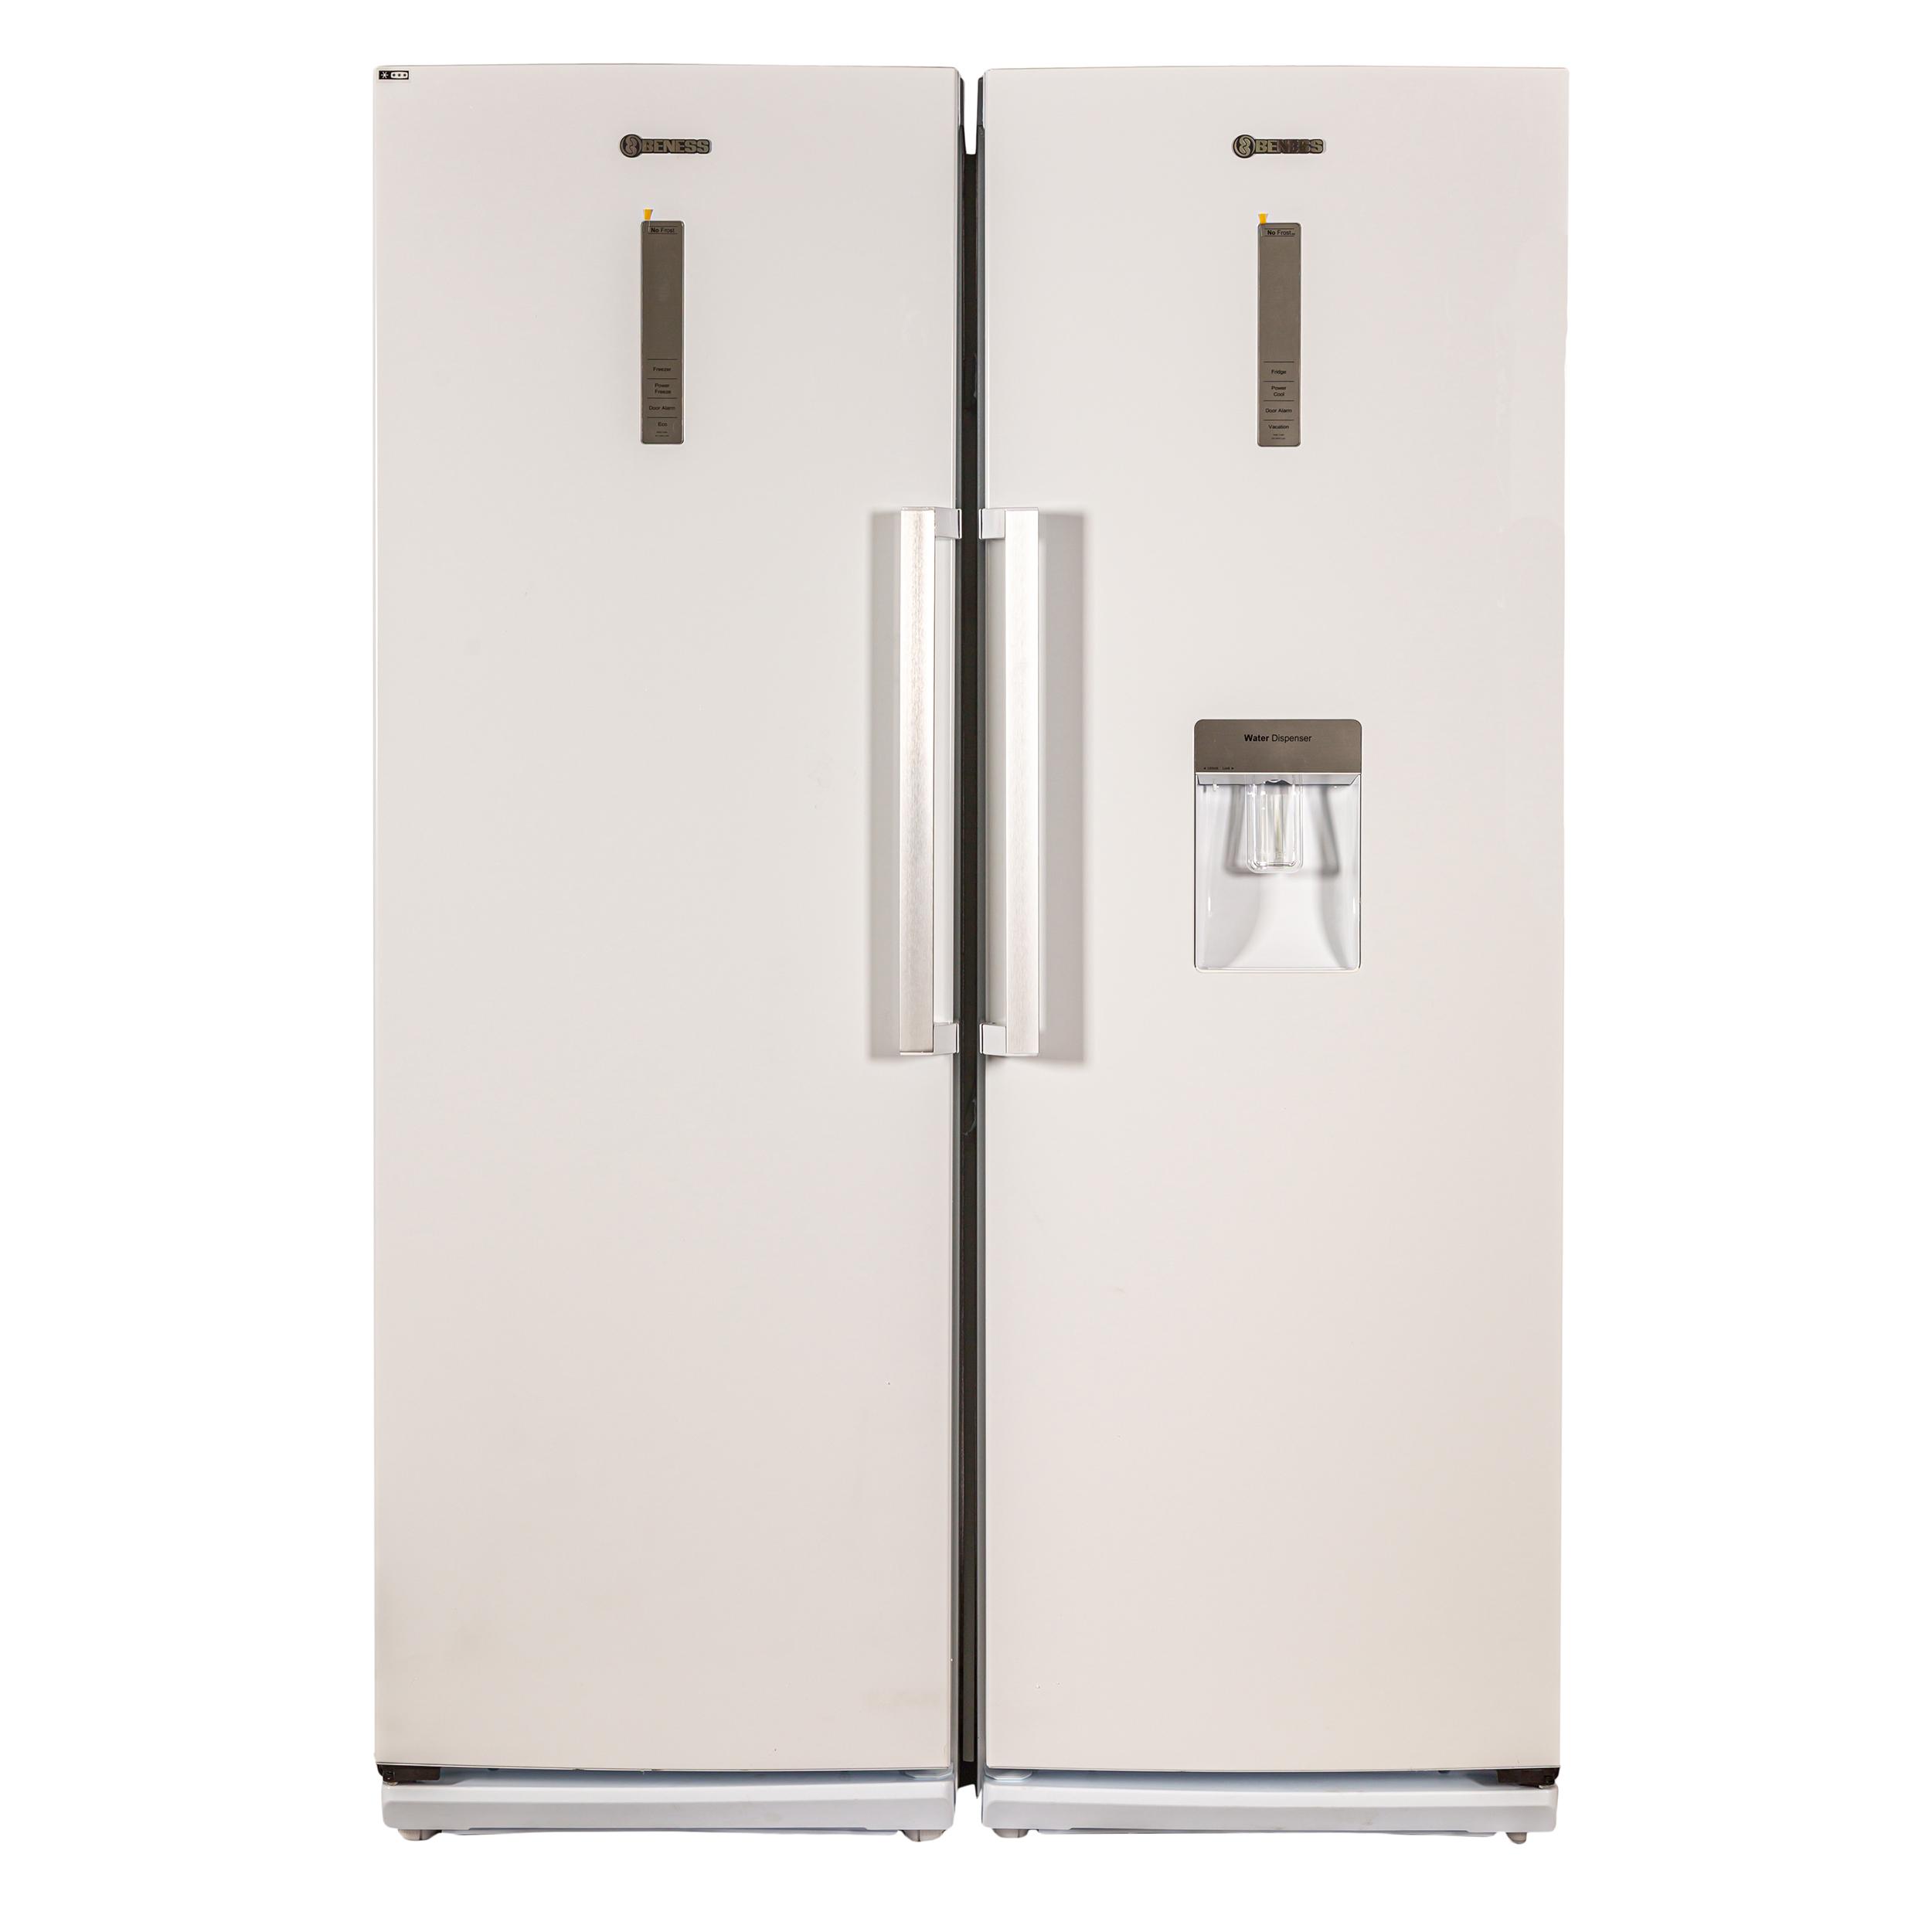 راهنمای خرید یخچال و فریزر دوقلو بنس مدل D4i لیست قیمت